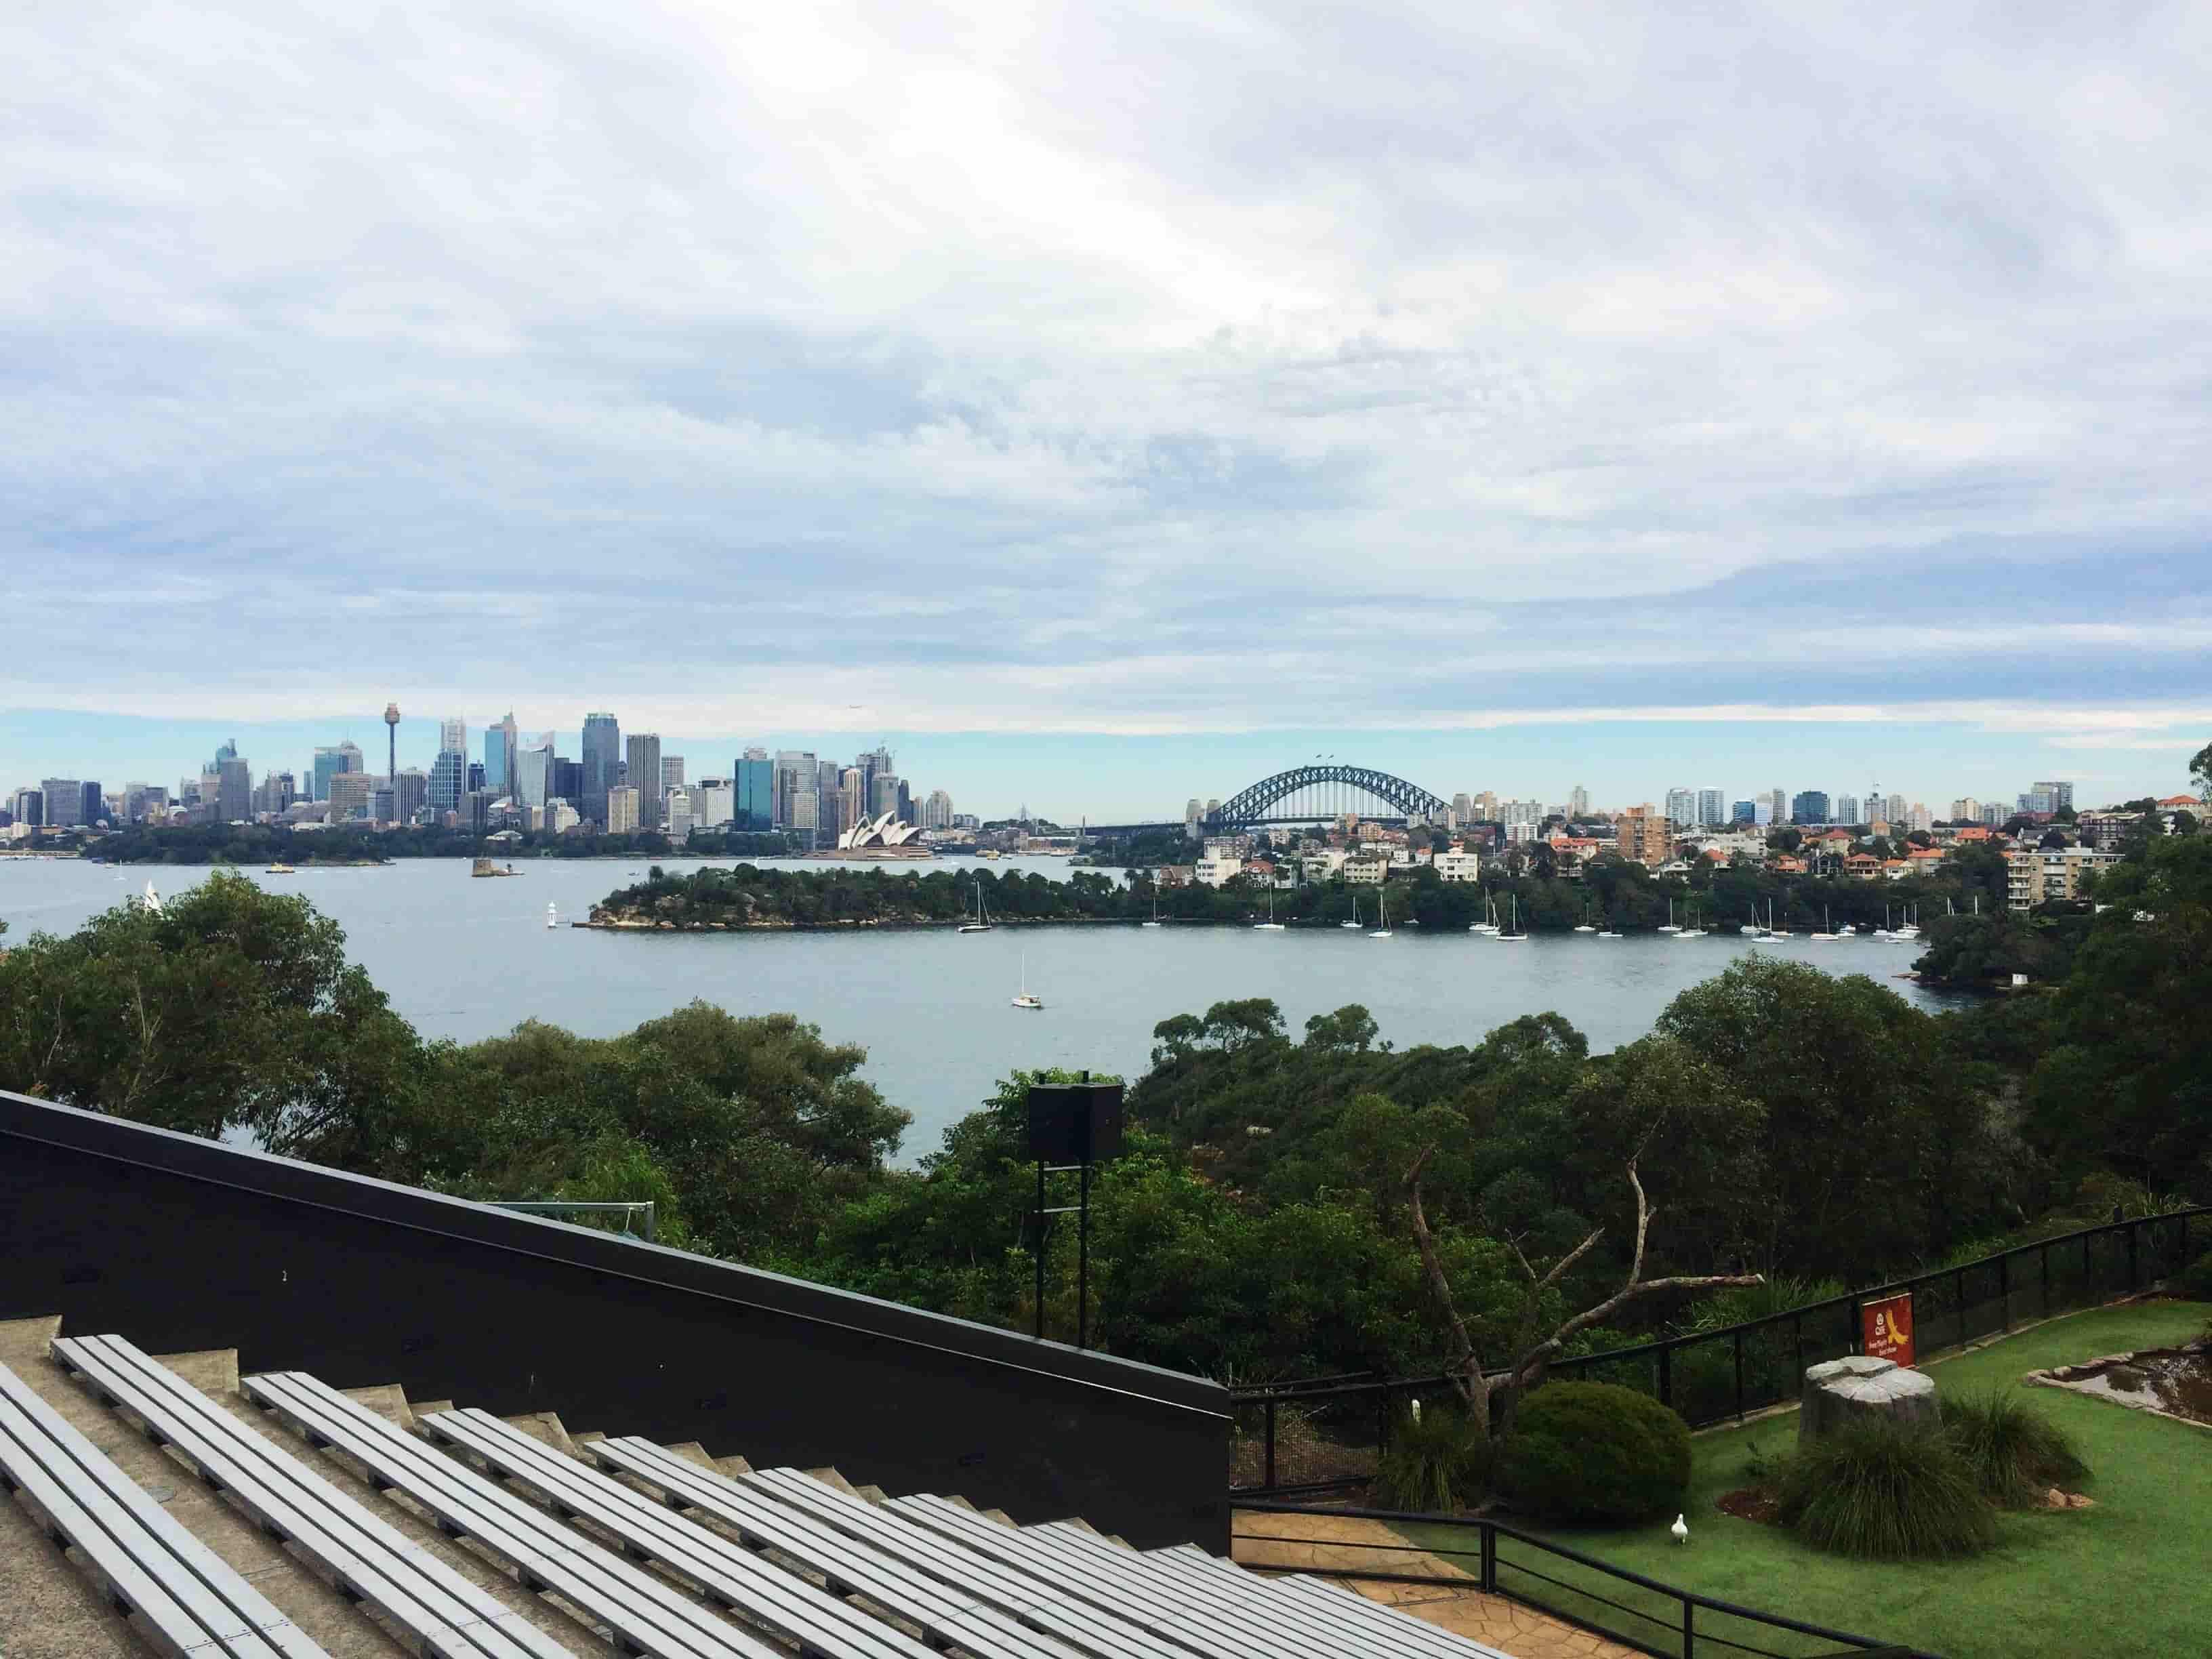 Voyage en Australie - Zoo de Sydney - Amplitudes